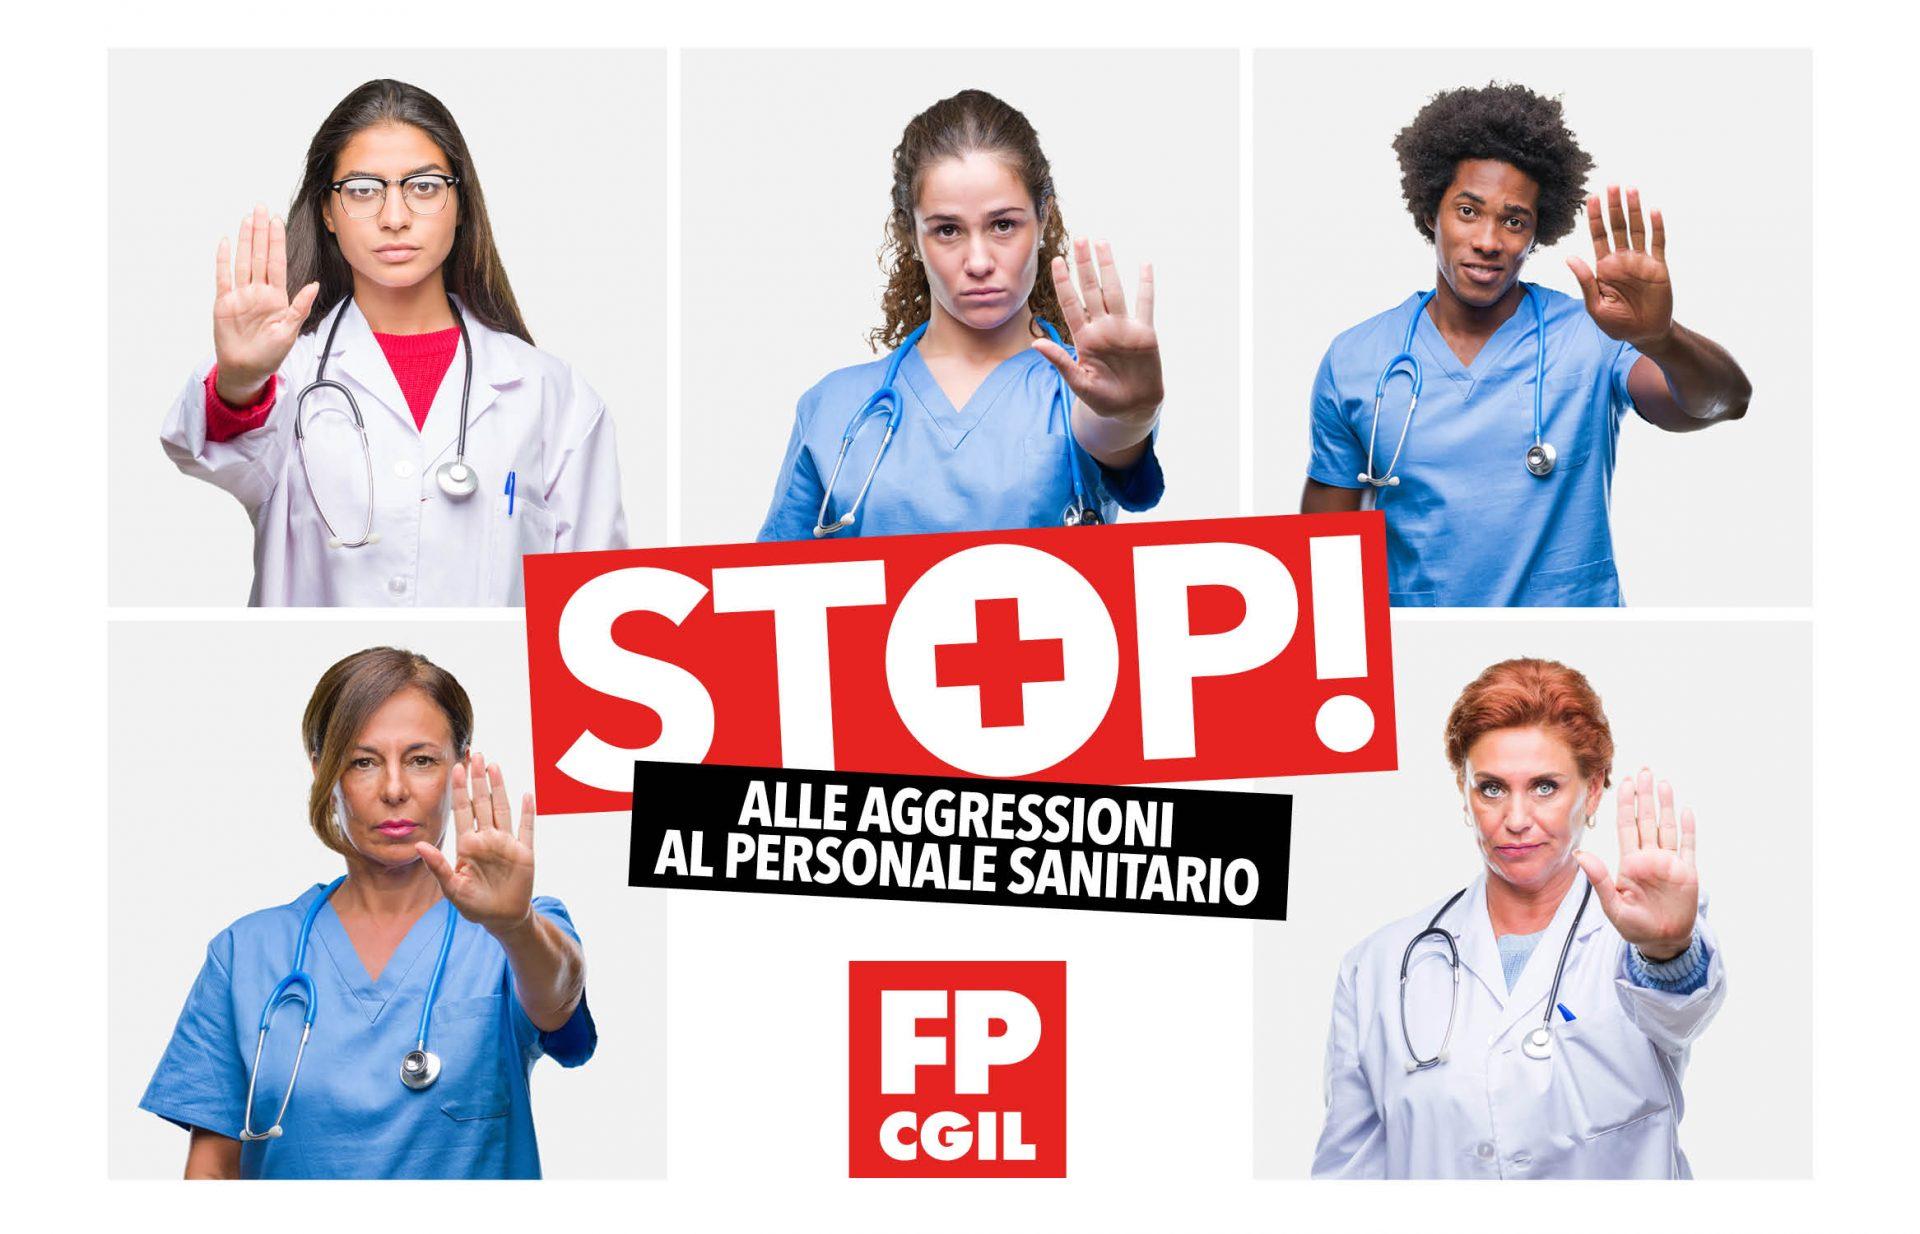 Violenze e aggressioni al personale sanitario, on line vademecum e corso Ecm Fad